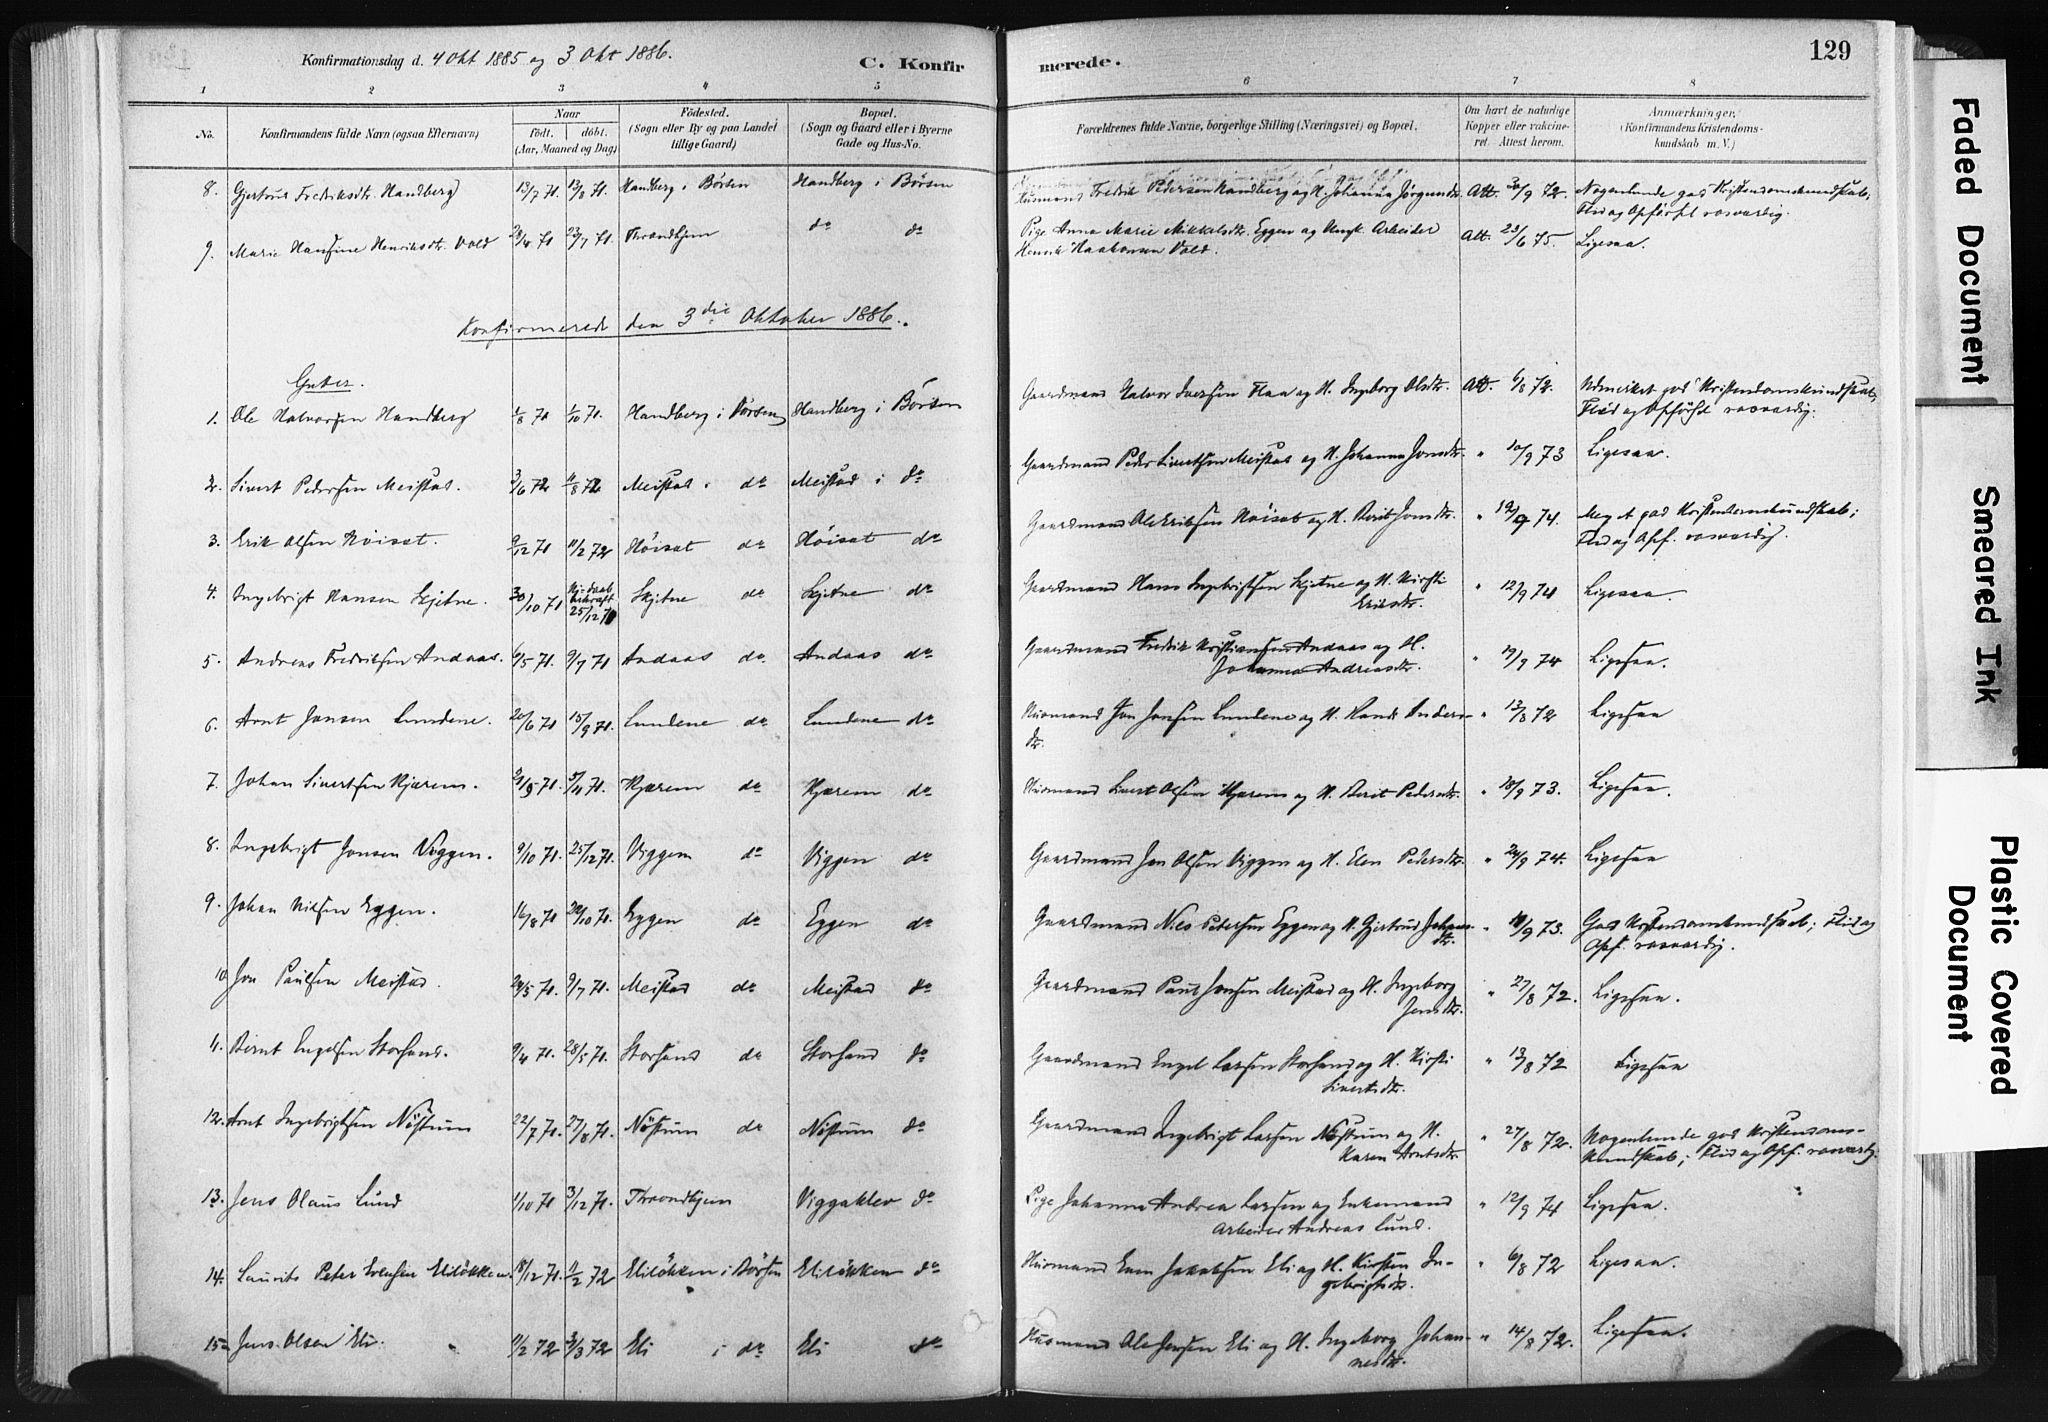 SAT, Ministerialprotokoller, klokkerbøker og fødselsregistre - Sør-Trøndelag, 665/L0773: Ministerialbok nr. 665A08, 1879-1905, s. 129